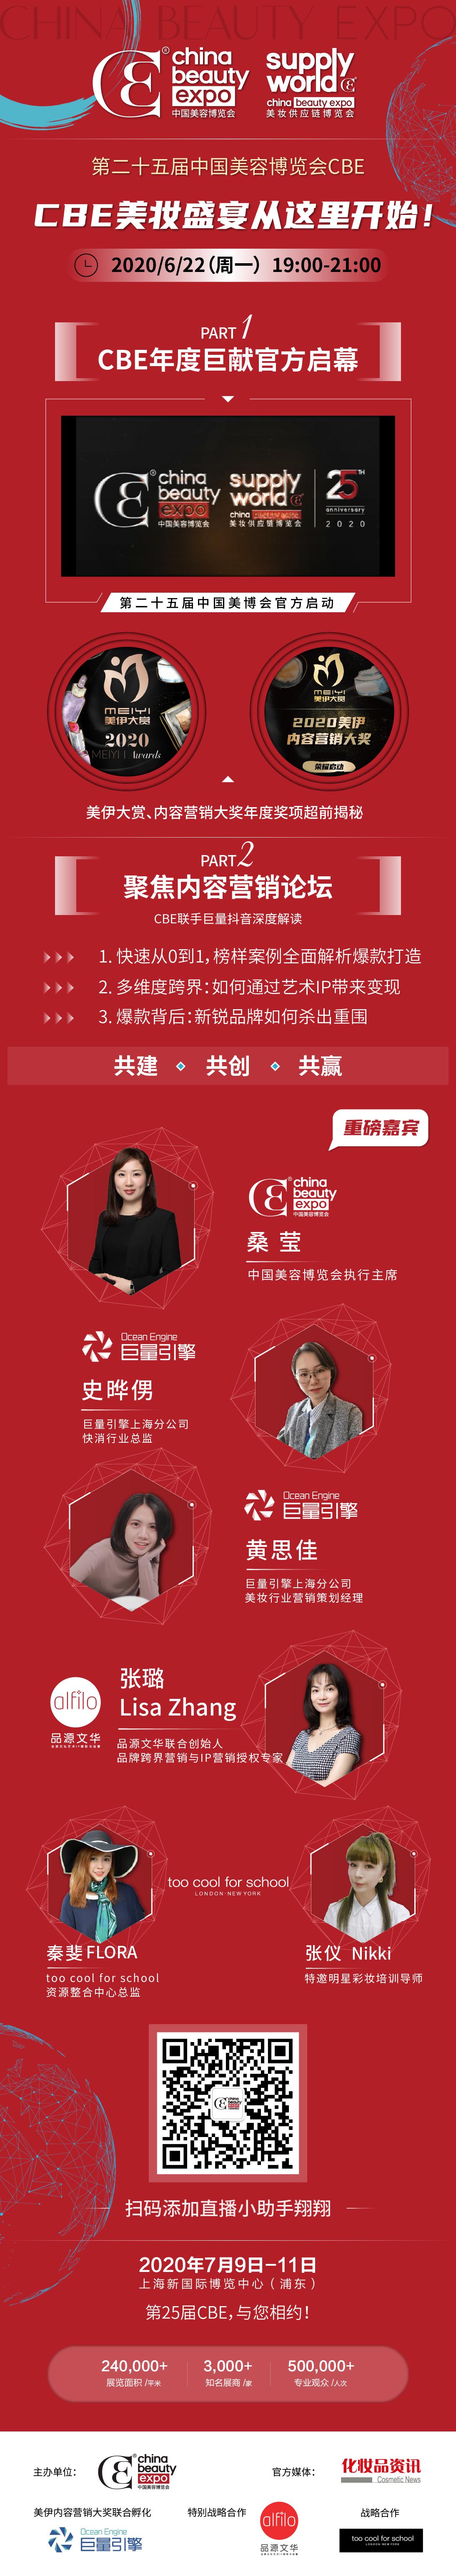 WeChat Image_20200618110540.jpg